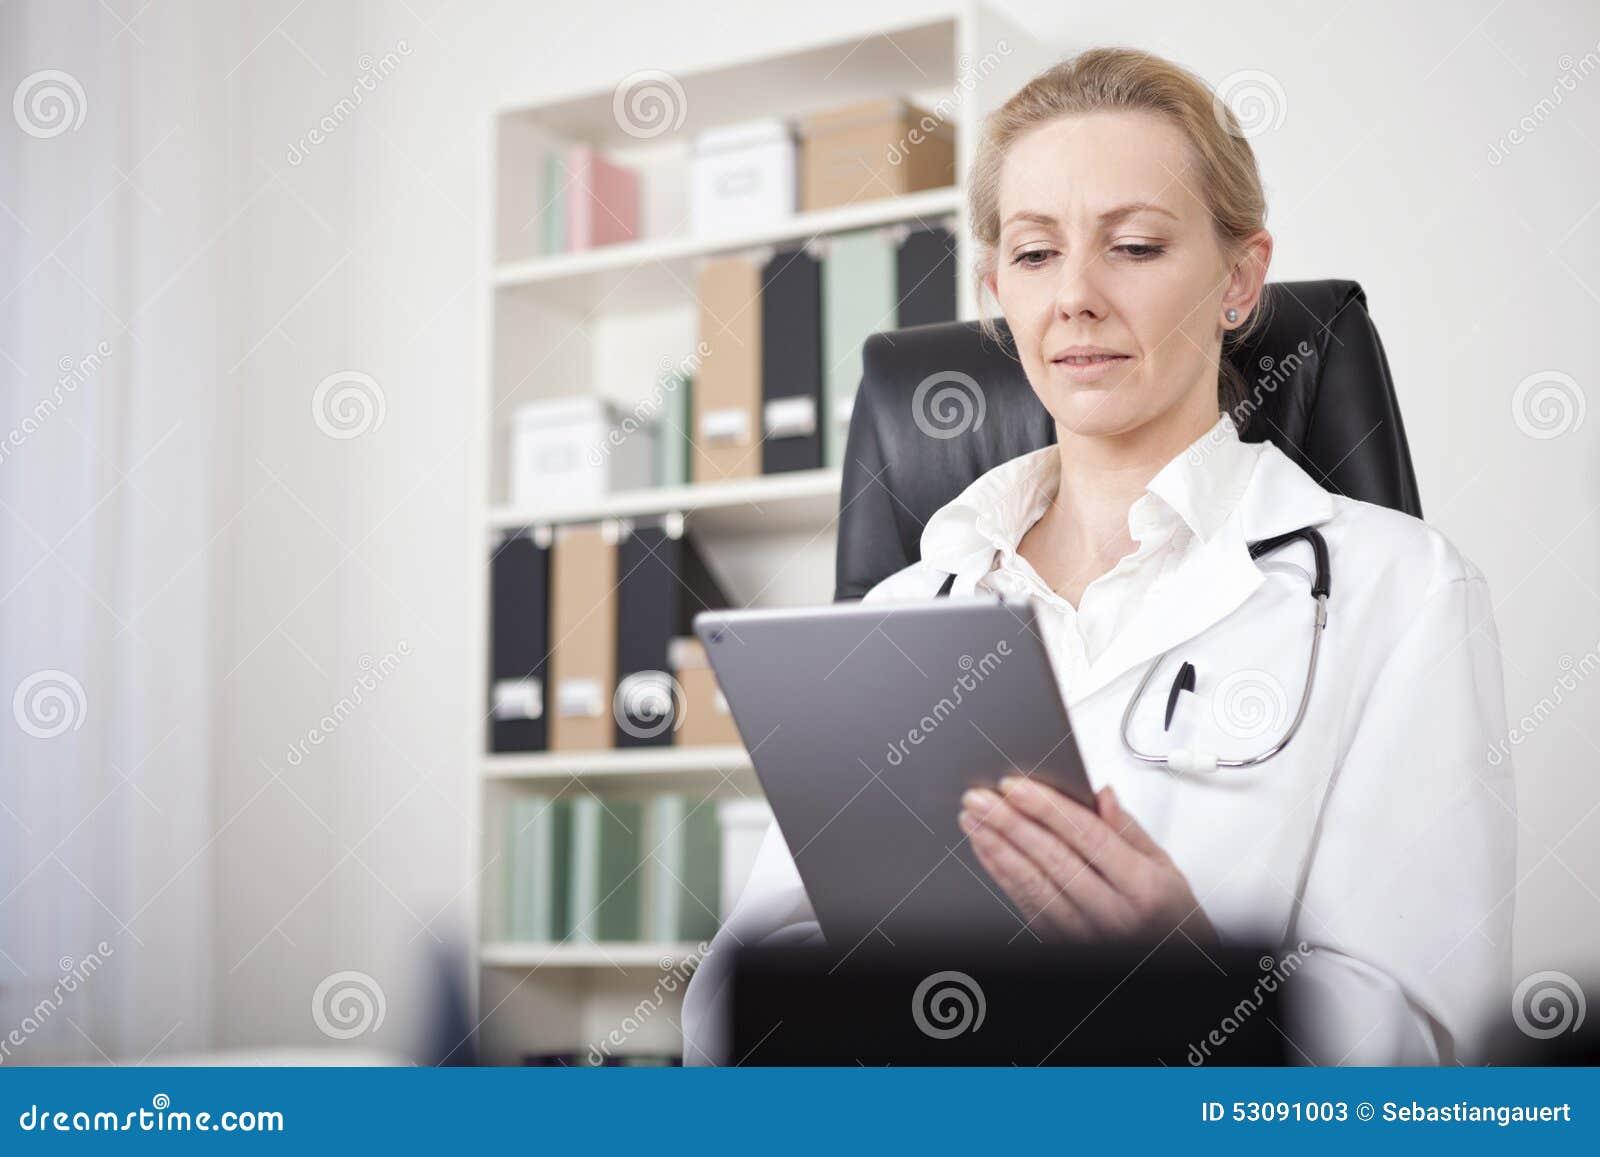 Ενήλικος θηλυκός γιατρός που εξετάζει την οθόνη ταμπλετών της